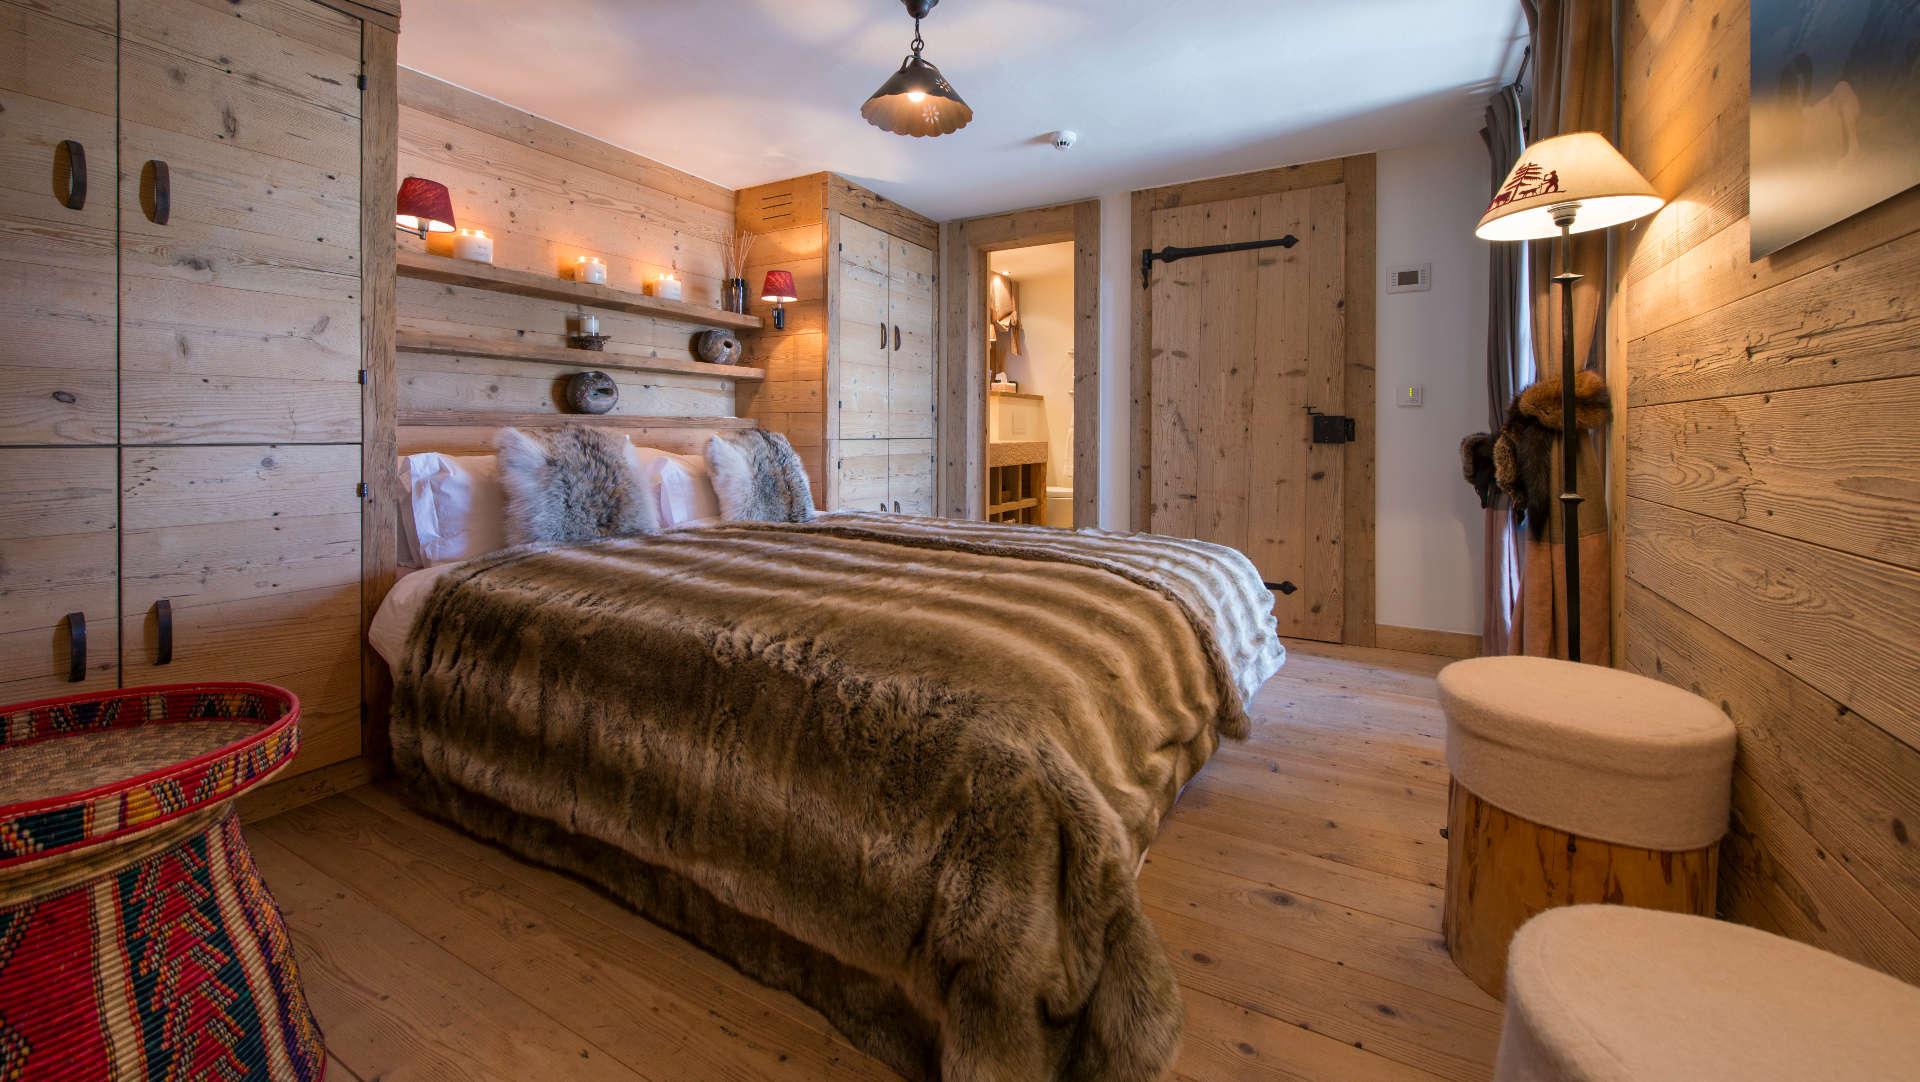 chalet-nyumba-bedroom3-2